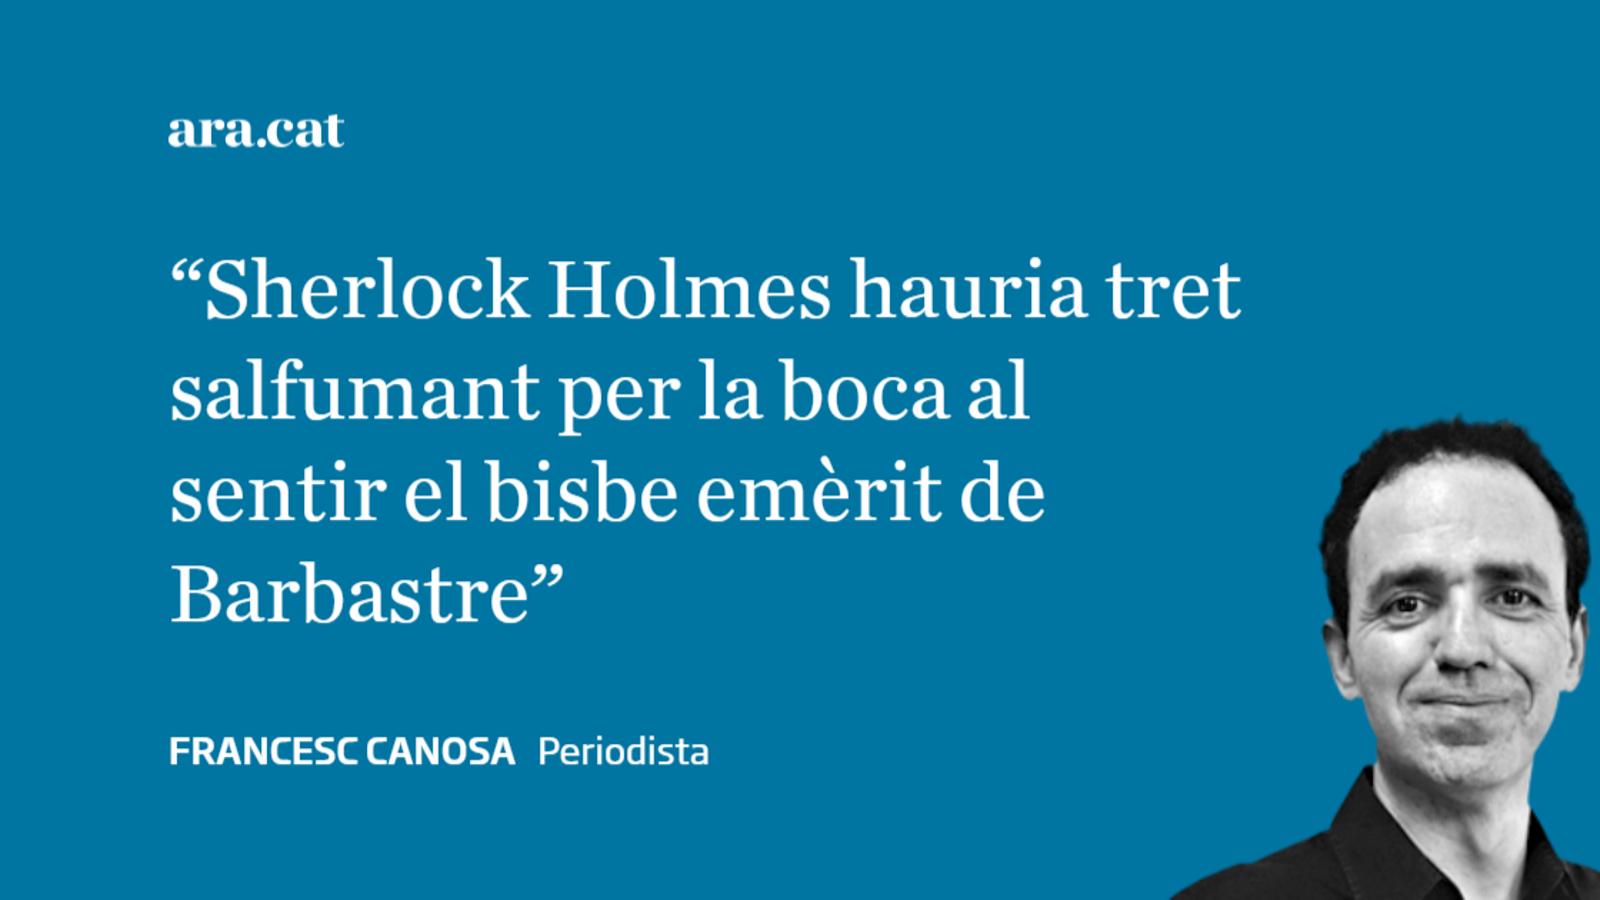 Sherlock Holmes al judici de l'art de la Franja